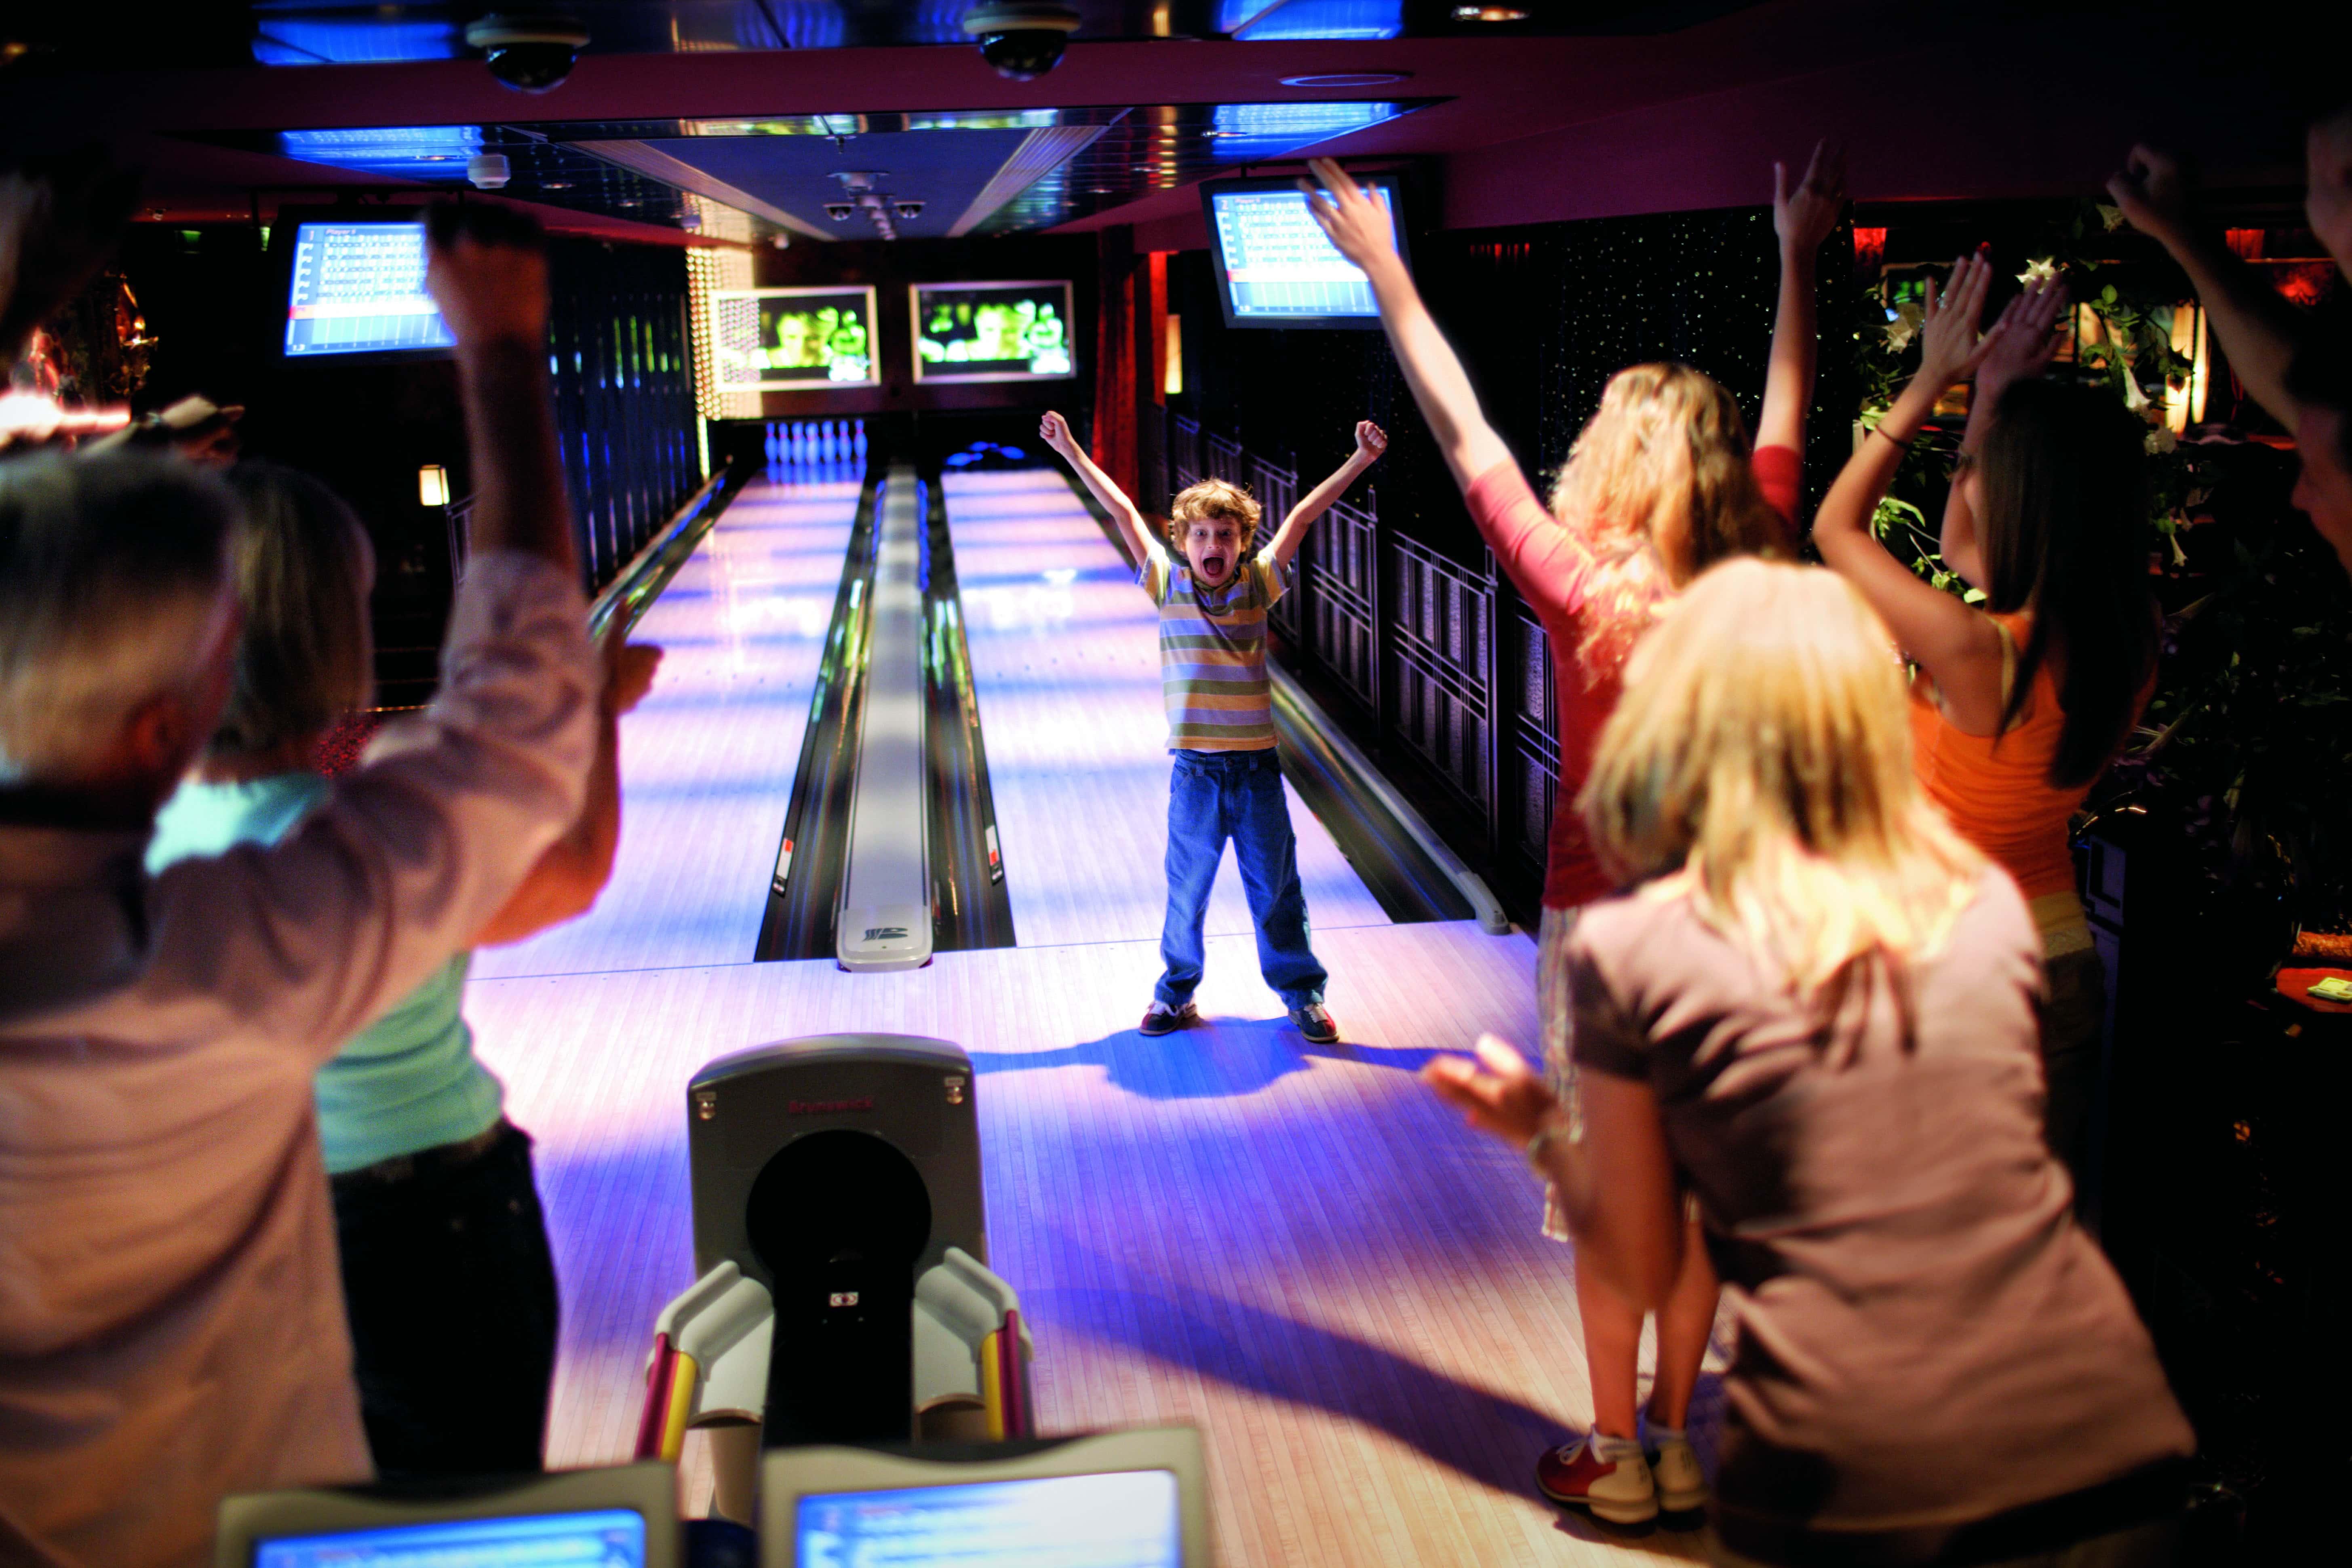 norwegian cruise line NCL bowling